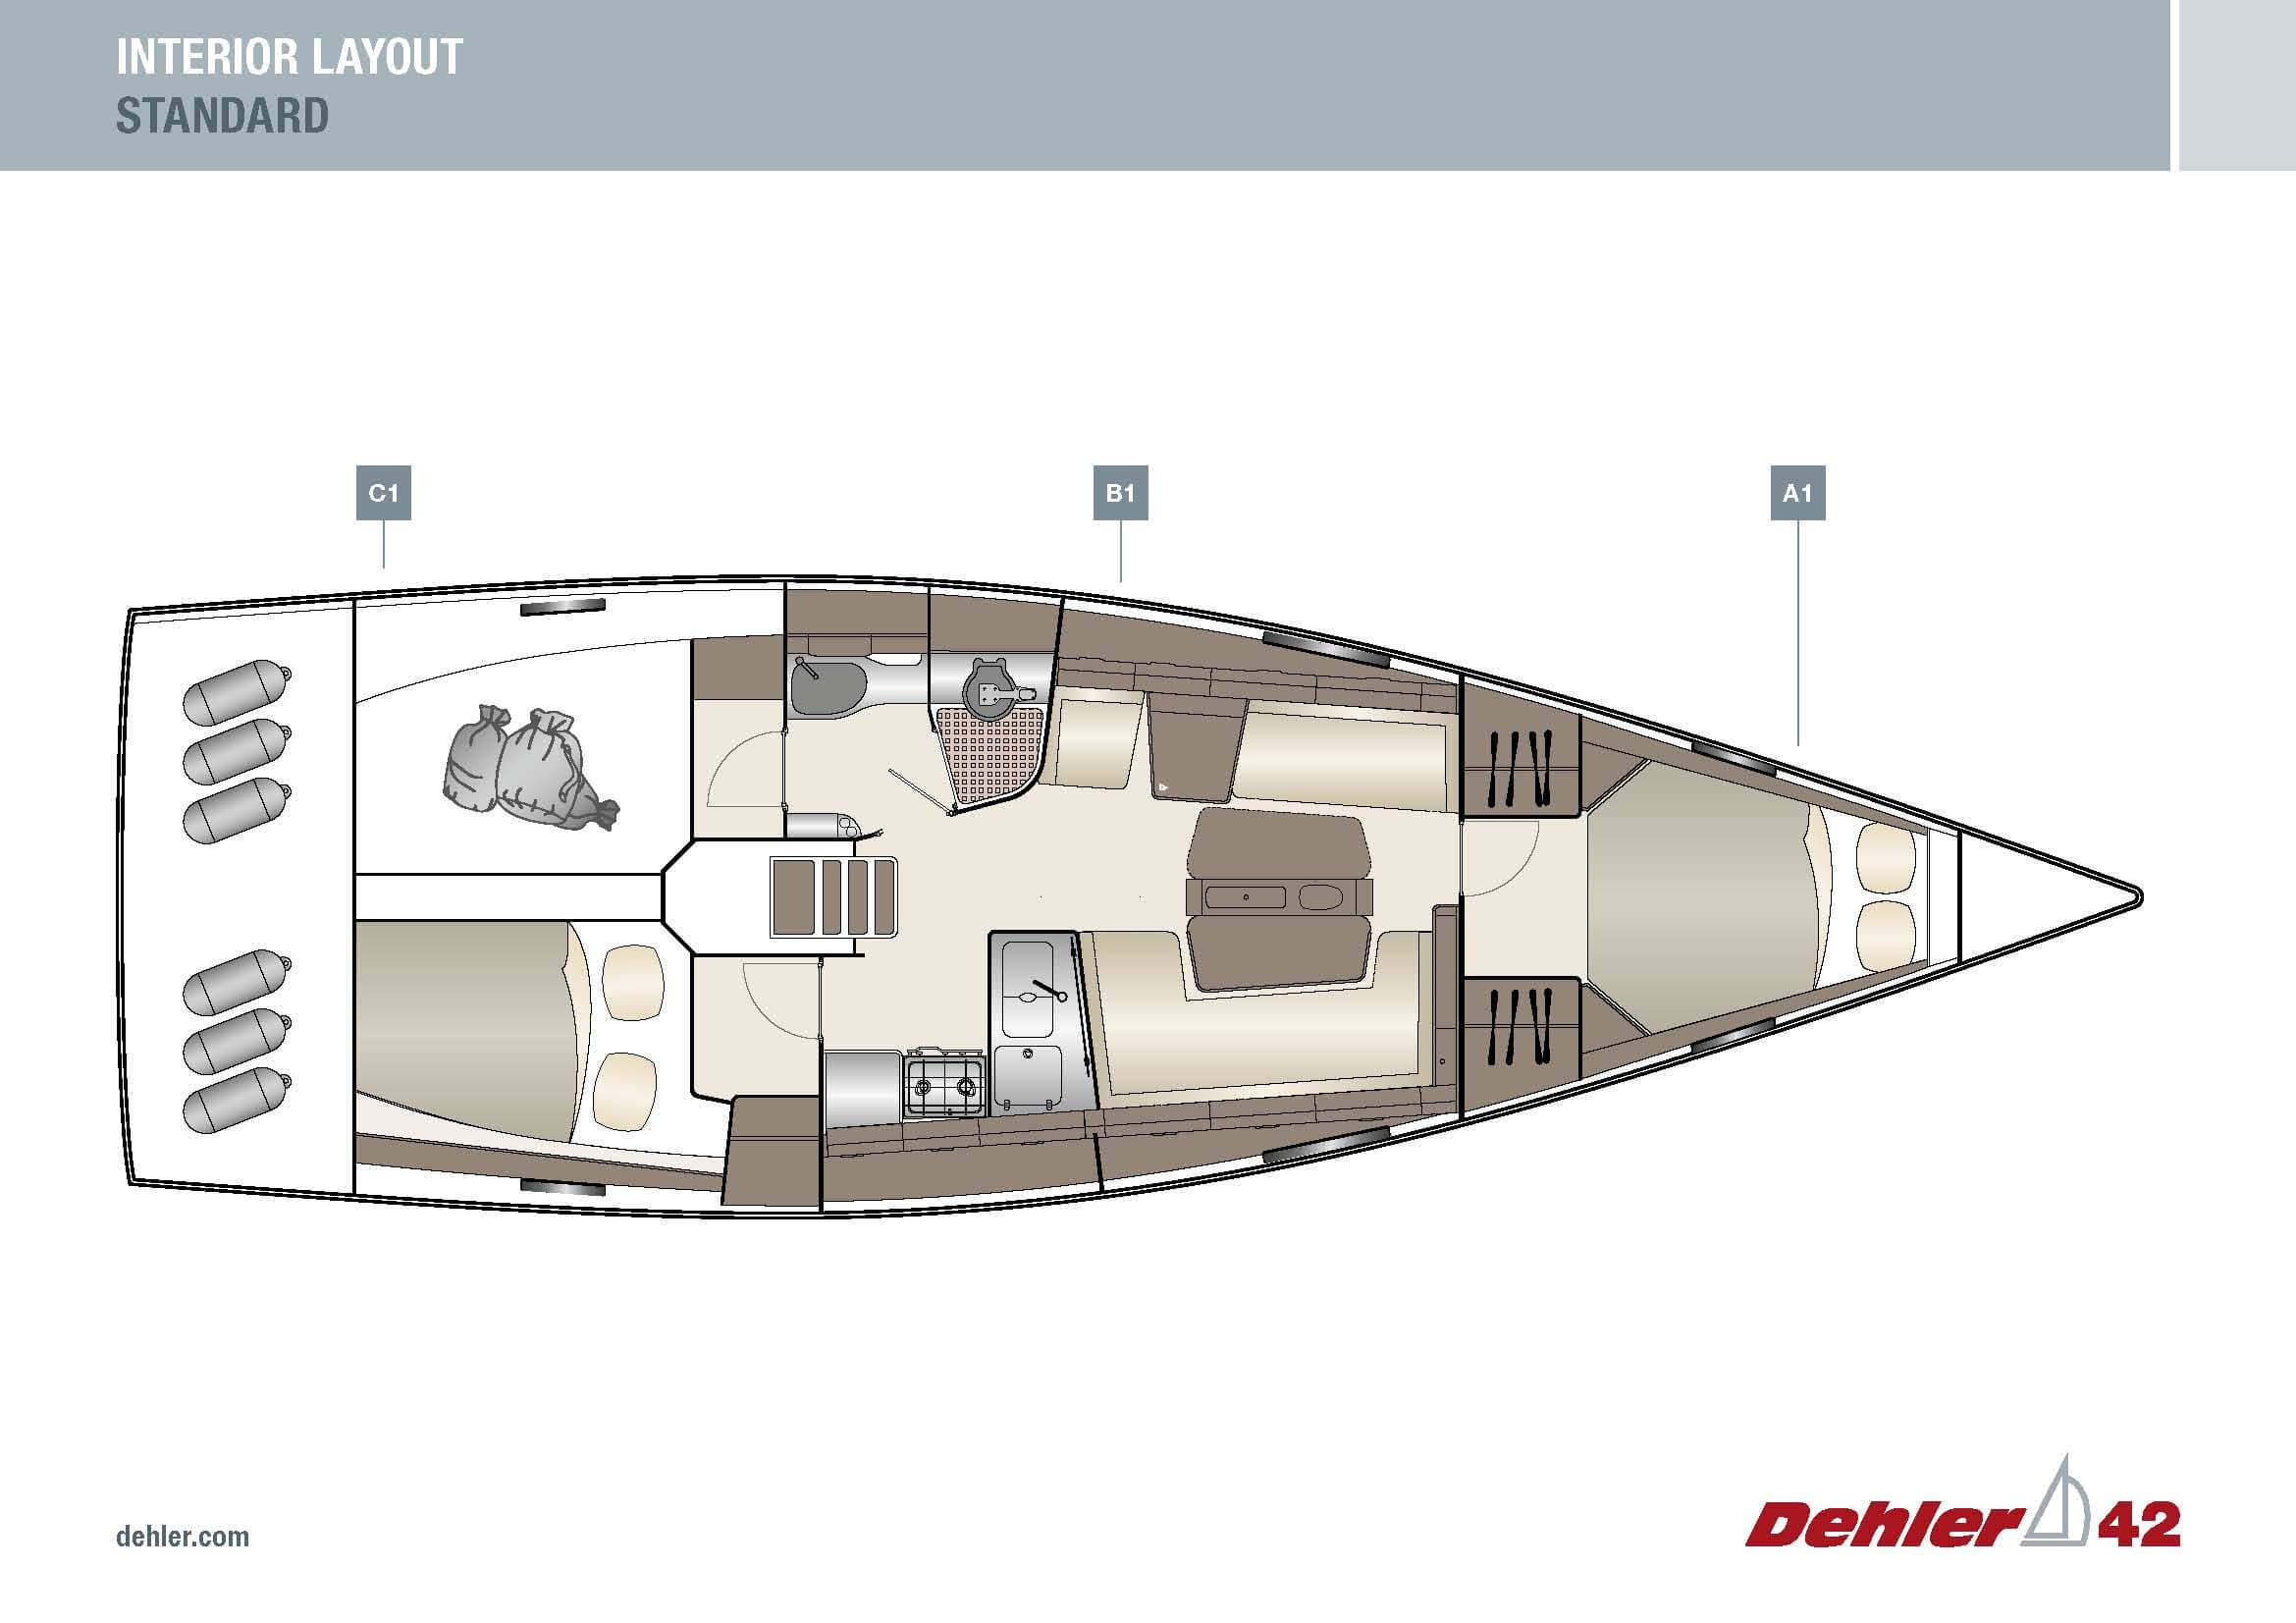 Dehler _42_Interior_Layout_A1B1C1_Standard